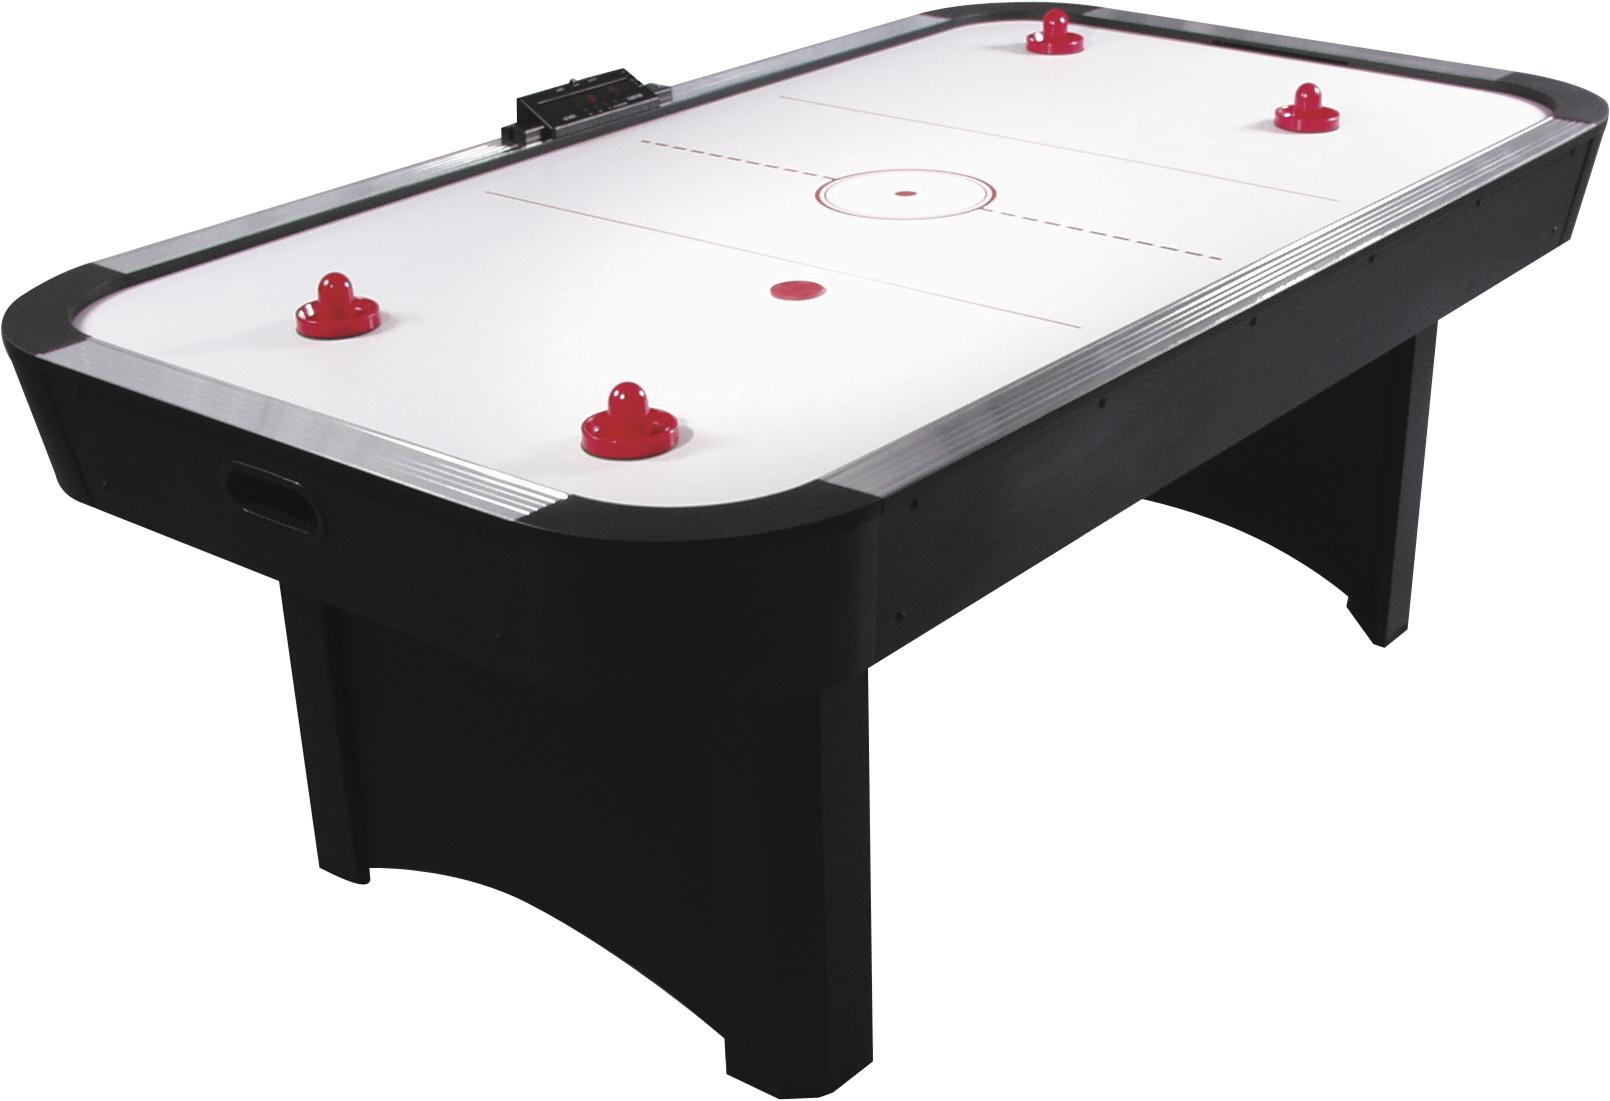 Airhockey buffalo tafels a1 eerbeek for Table 6 en 1